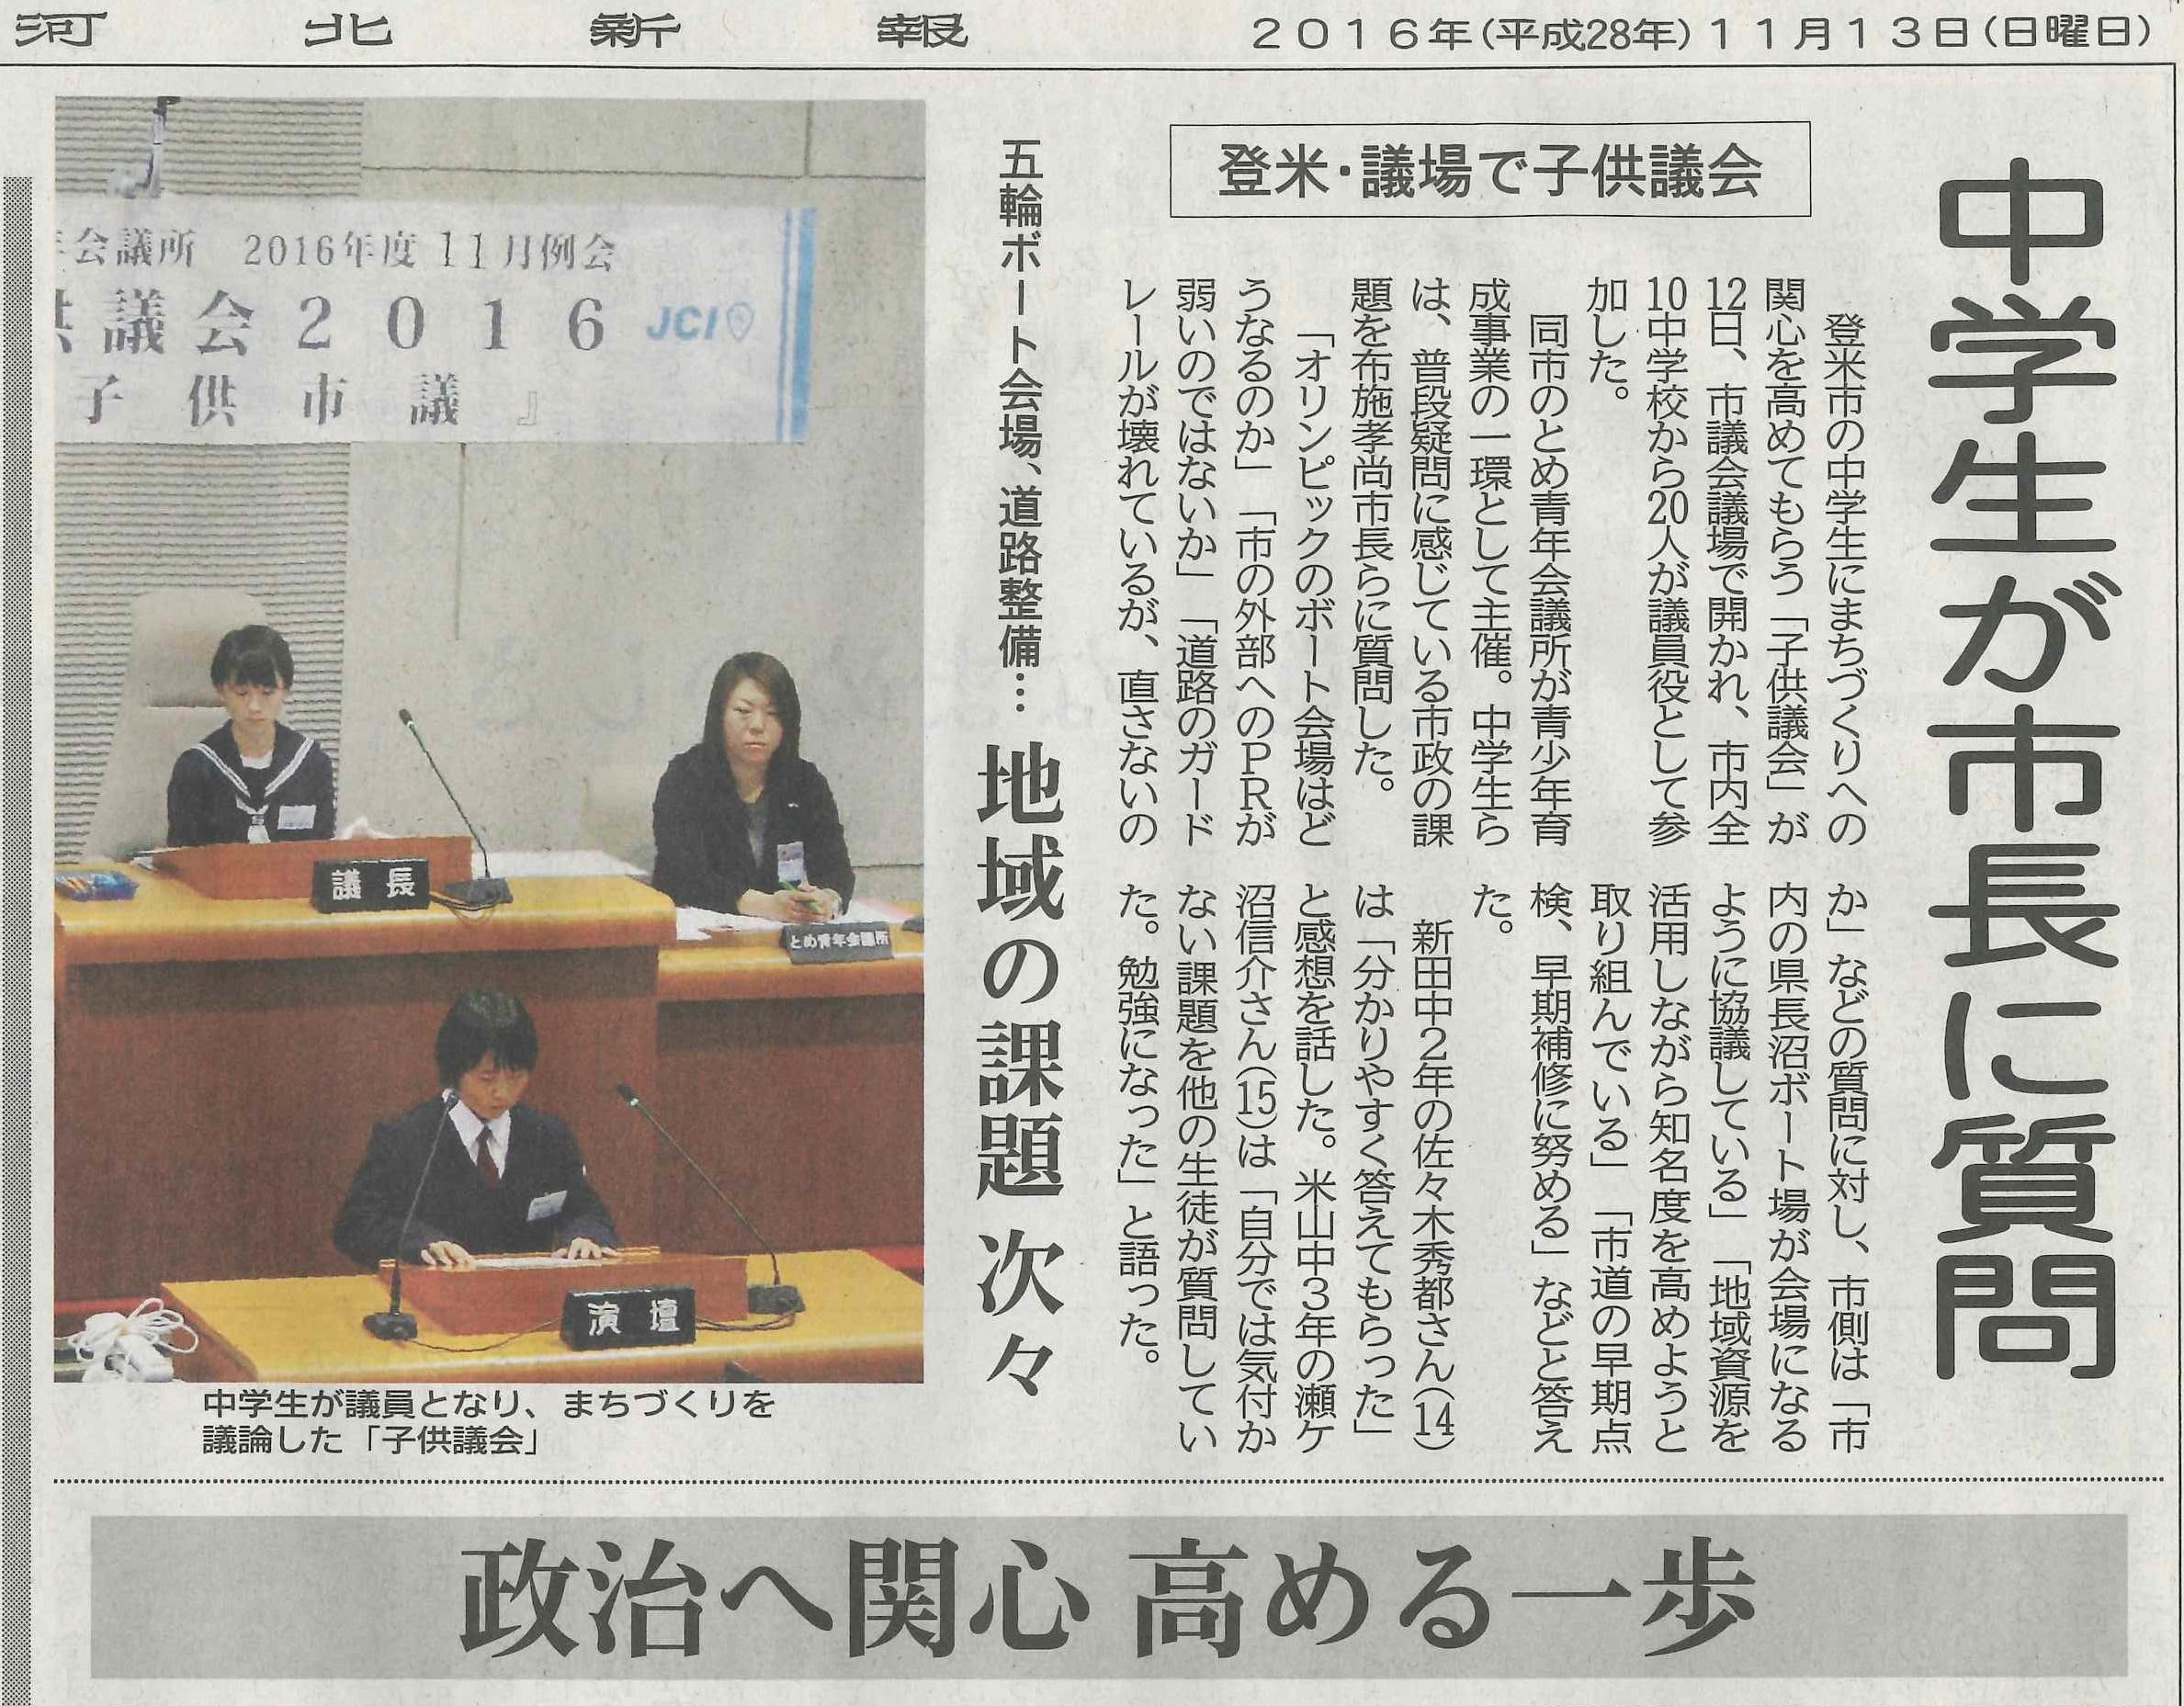 子供議会(河北新報2016.11.13掲載)